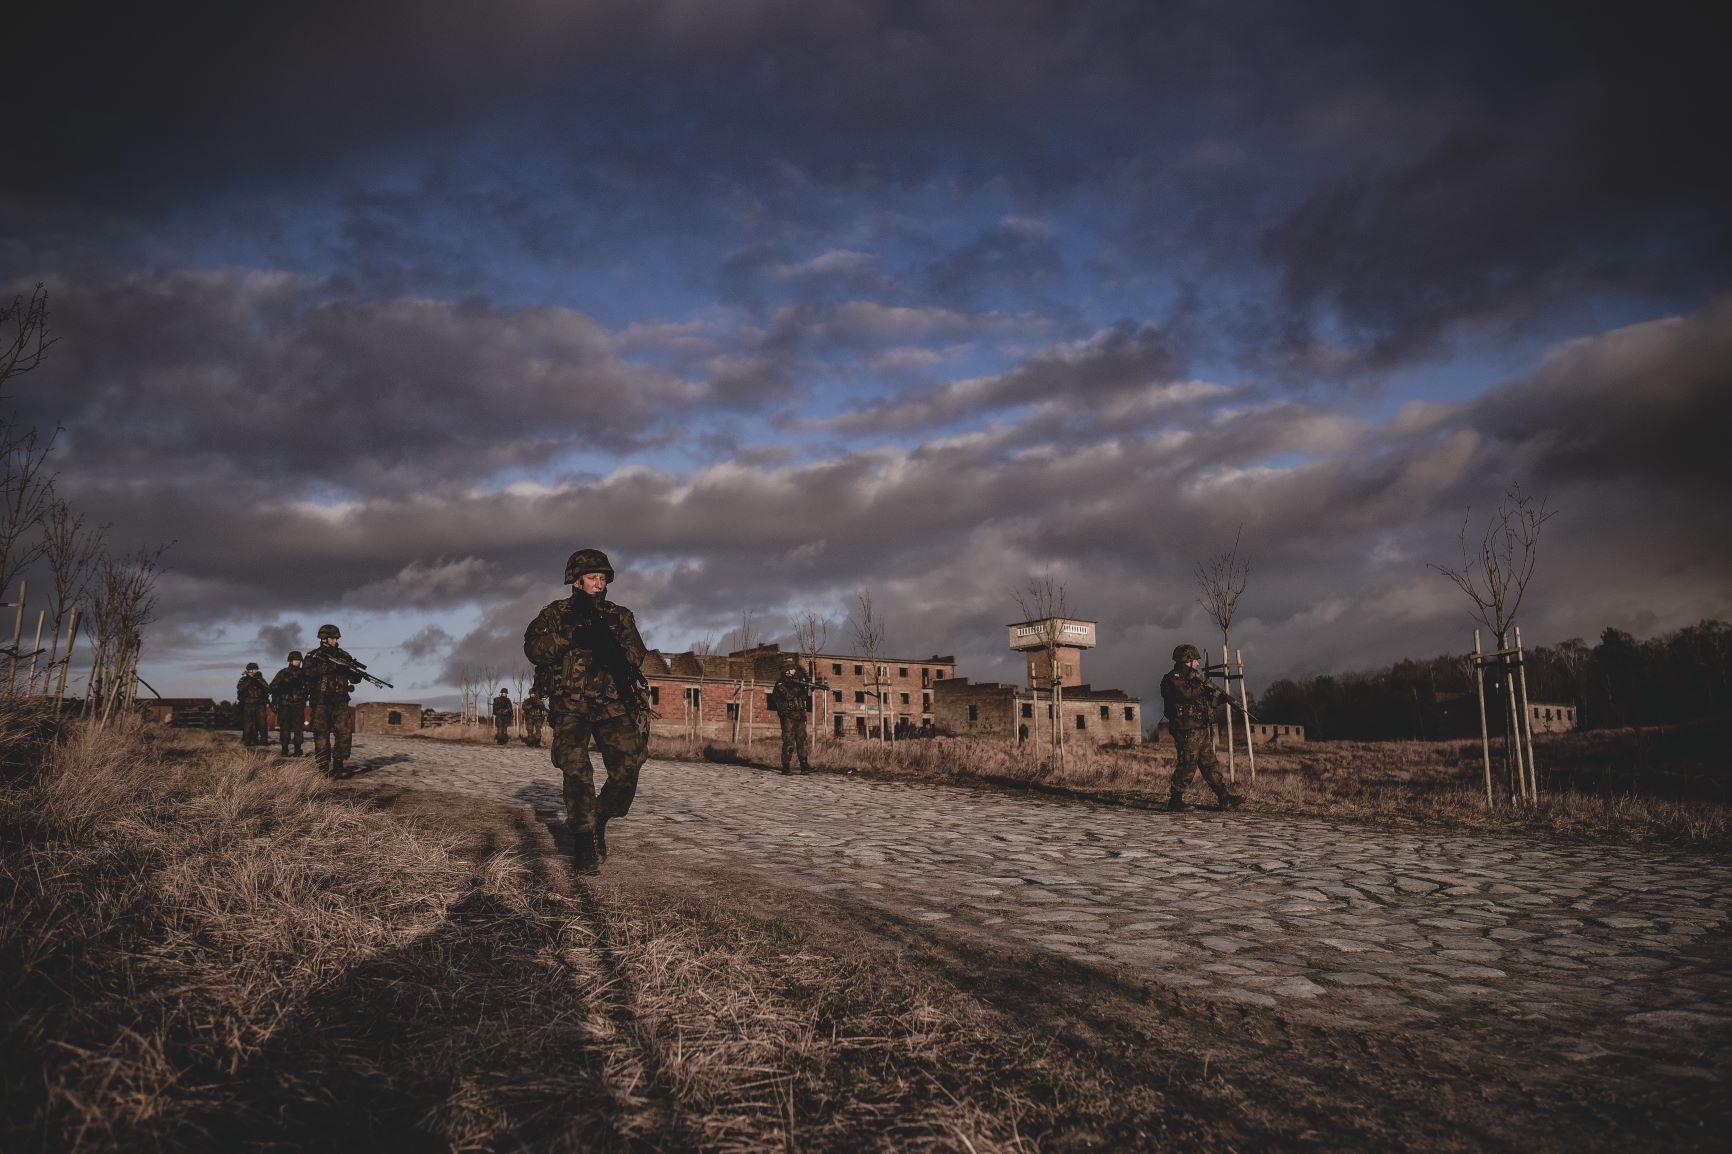 Lubelscy terytorialsi ćwiczą na poligonie pierwszy raz w roku - Zdjęcie główne